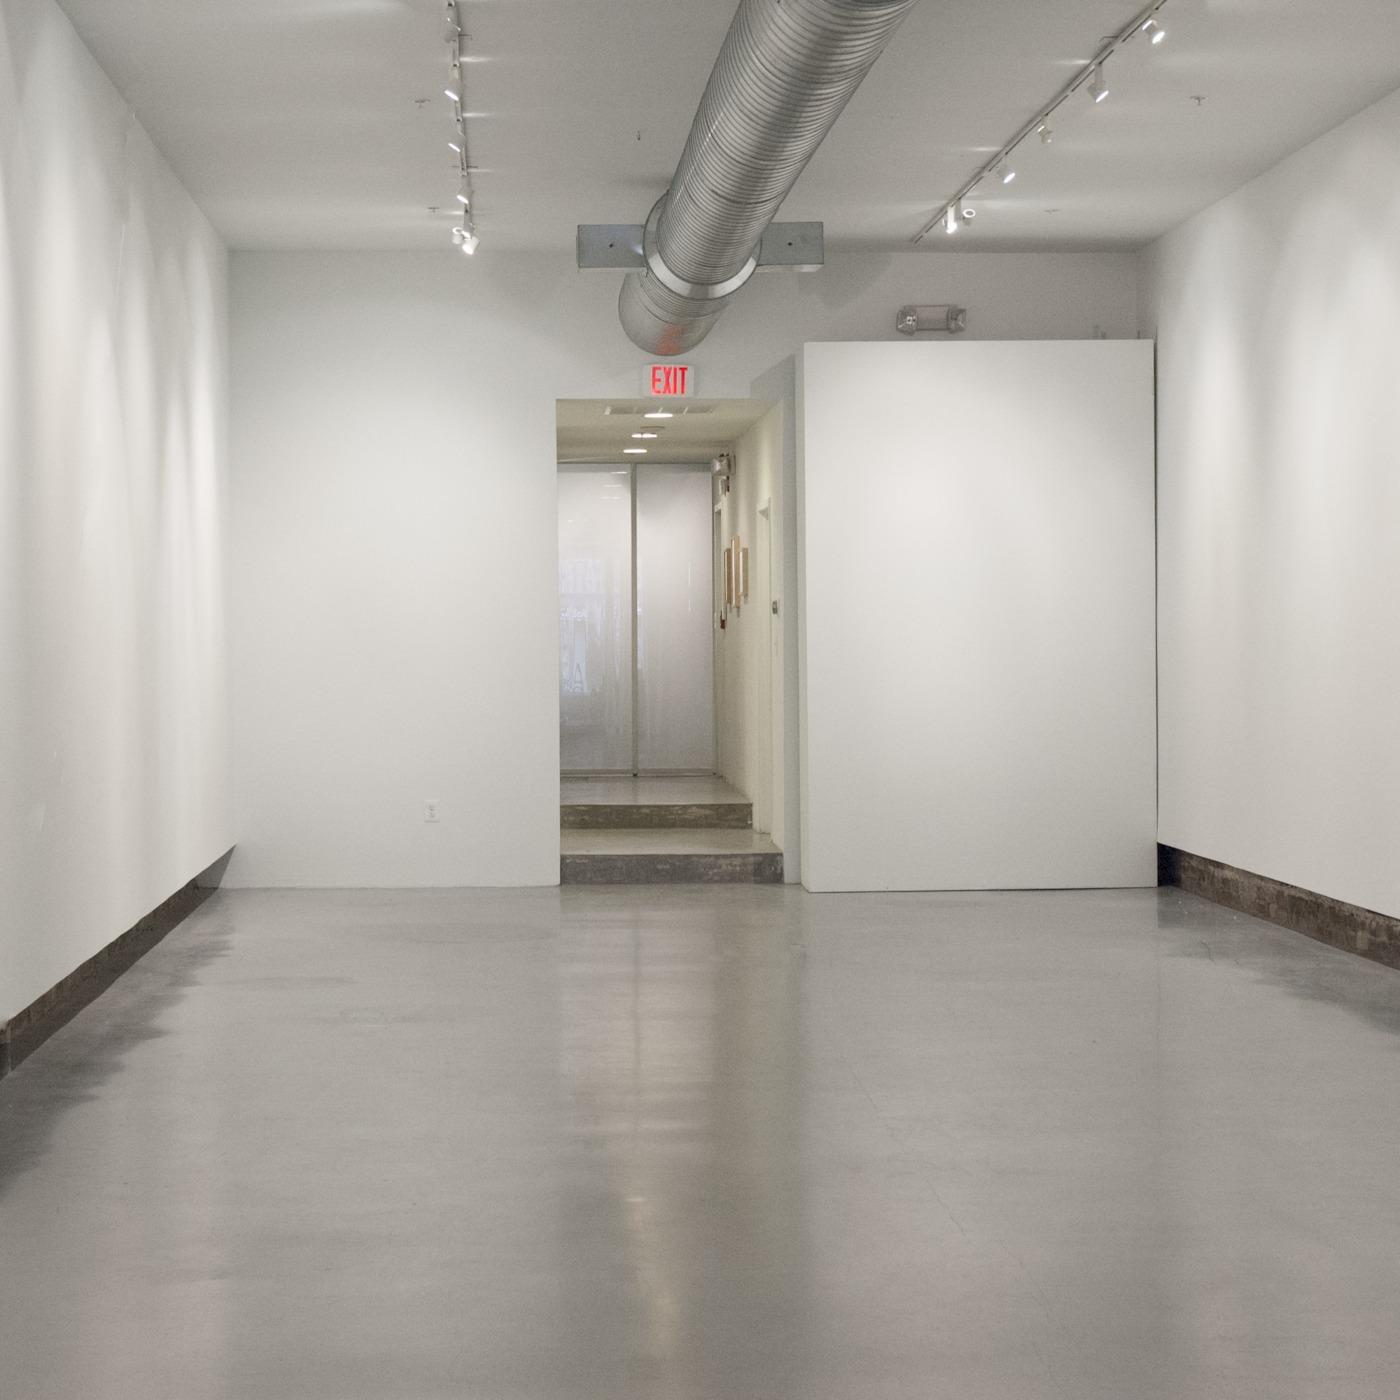 Hamiltonian Gallery & Artists